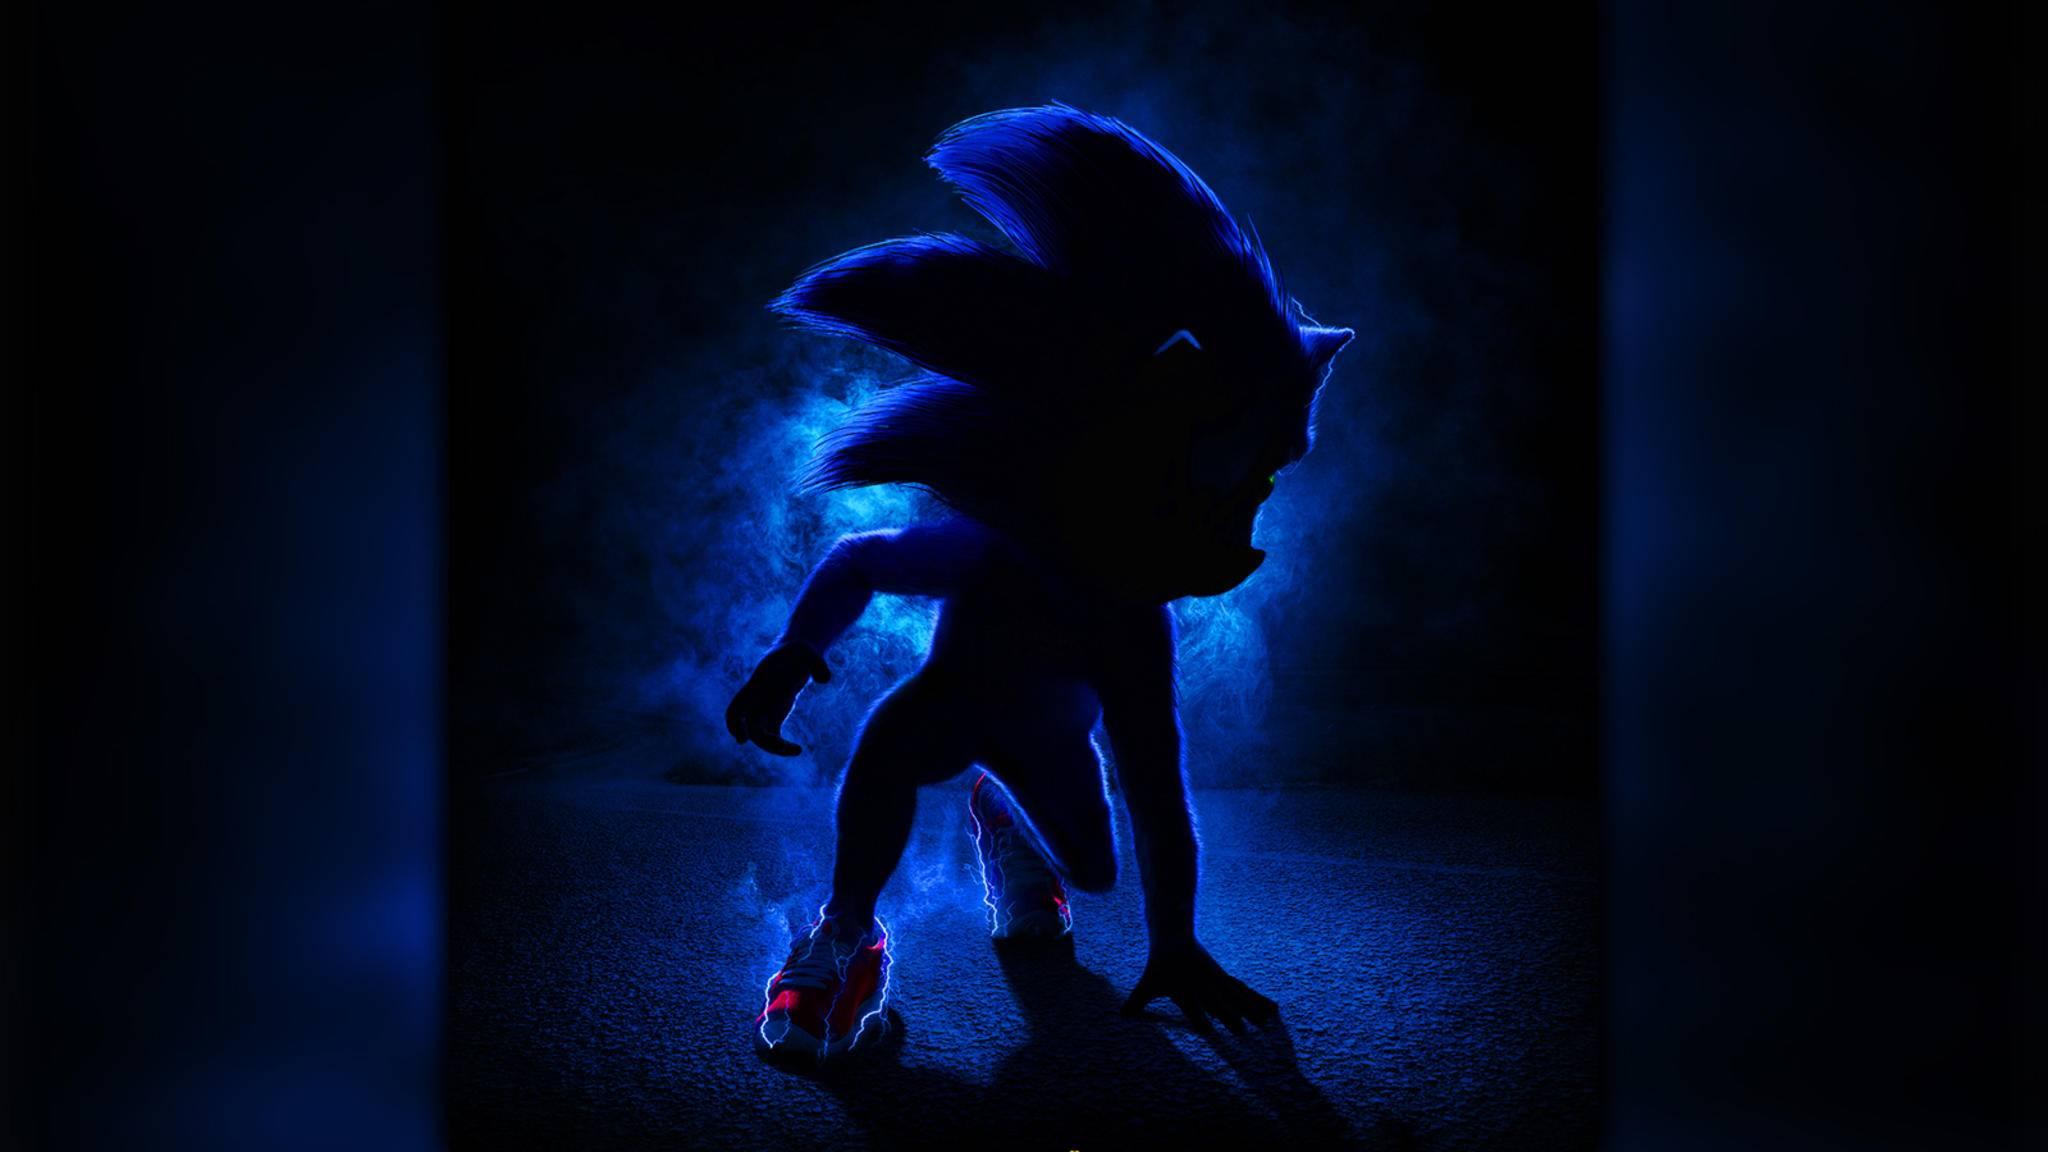 Mit Überschallgeschwindigkeit rast Sonic aufs erste Kinoplakat.